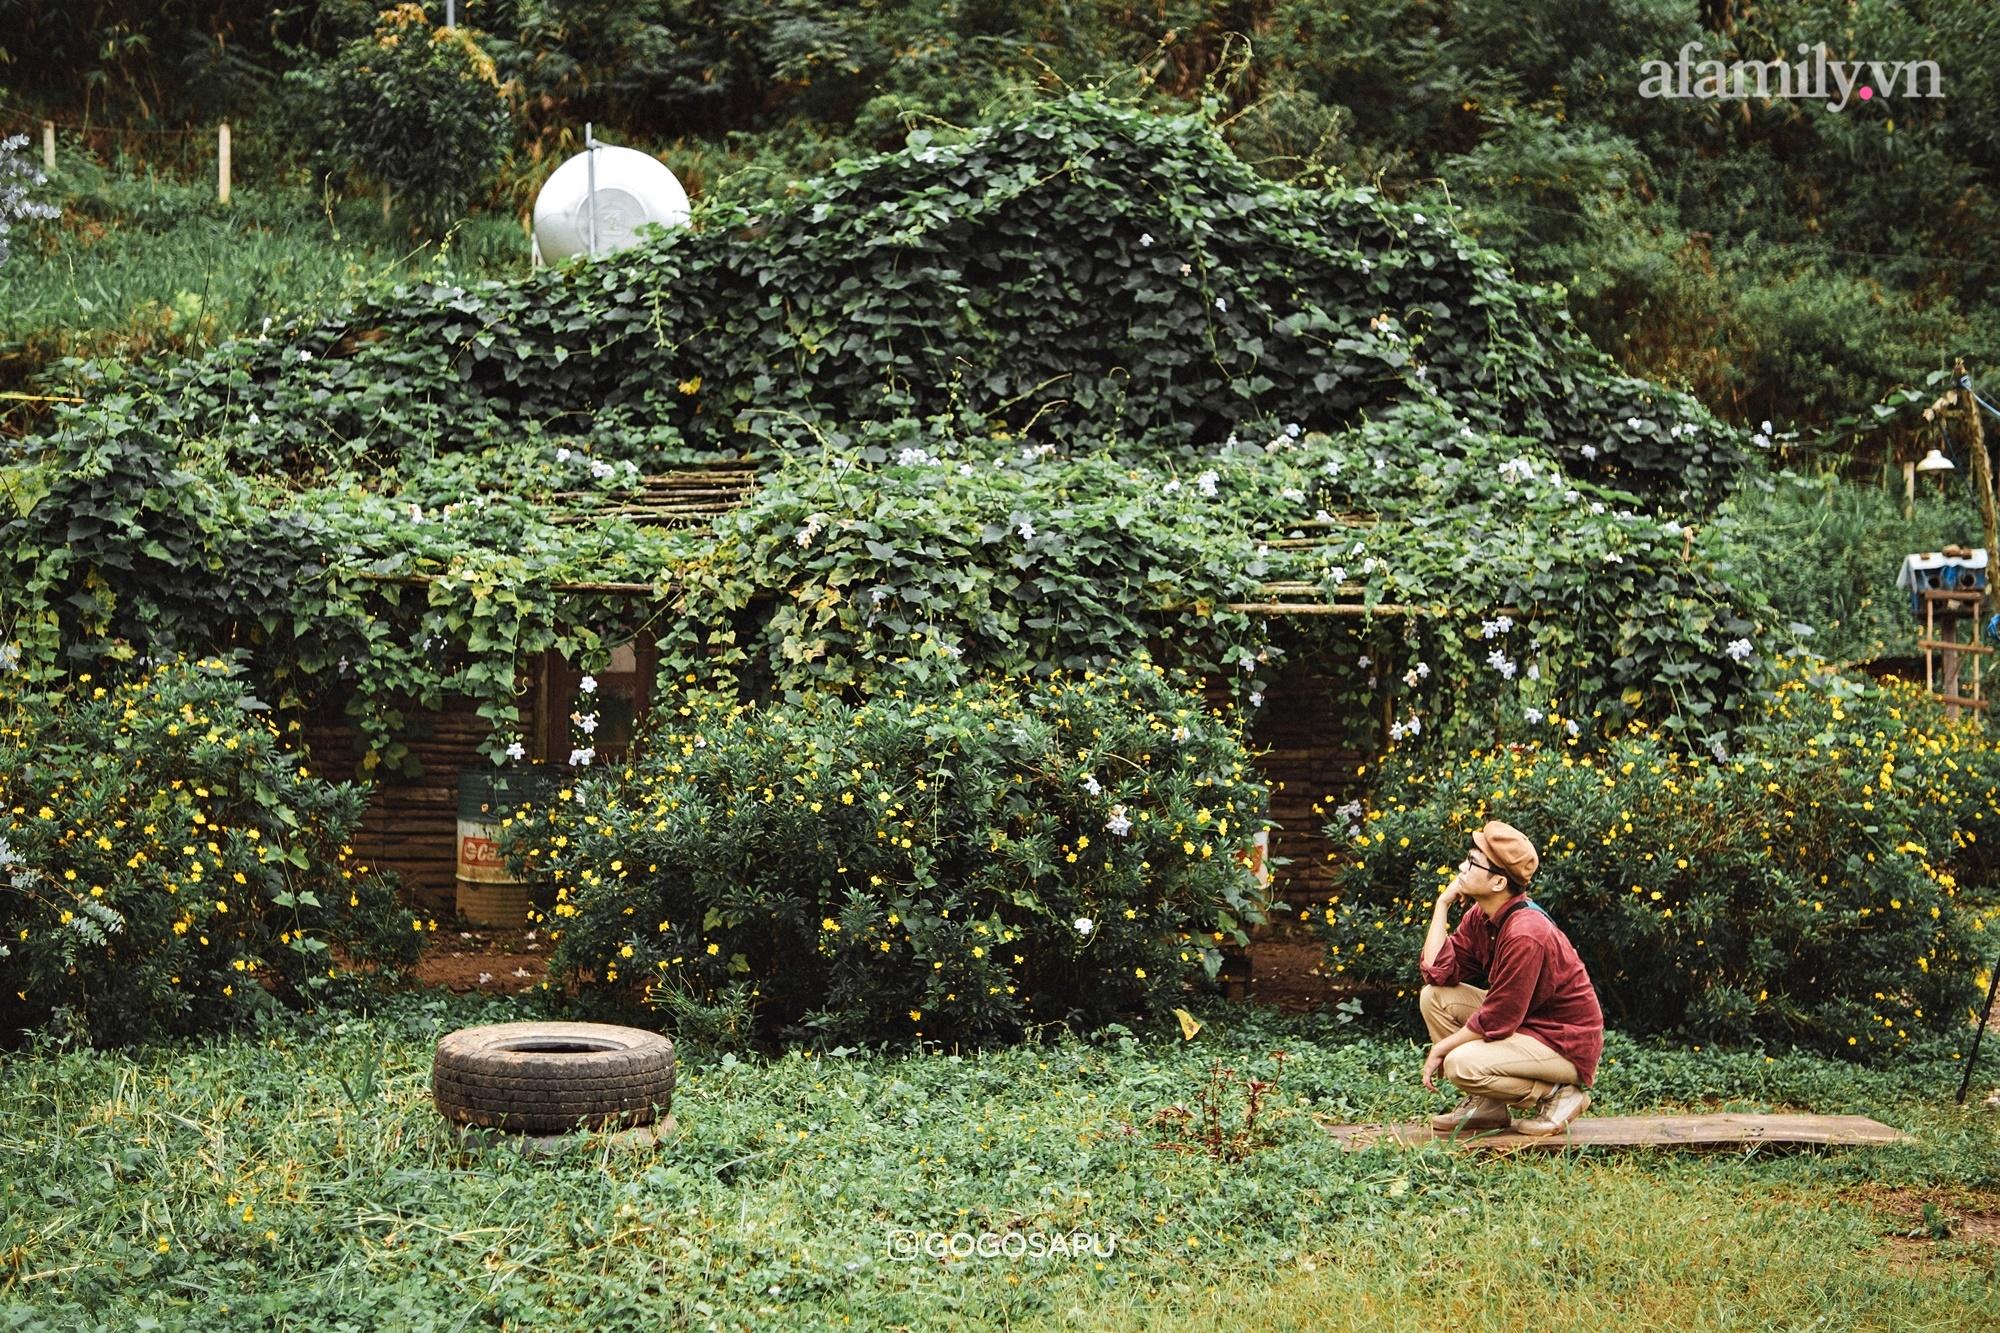 """Thung lũng """"bí ẩn"""" lạ lẫm ở Đà Lạt: Có hoa vàng cỏ xanh, suối mát lành đẹp như tranh vẽ, nhưng không phải cứ muốn đến là được, cũng chẳng có 3G để xài! - Ảnh 5."""